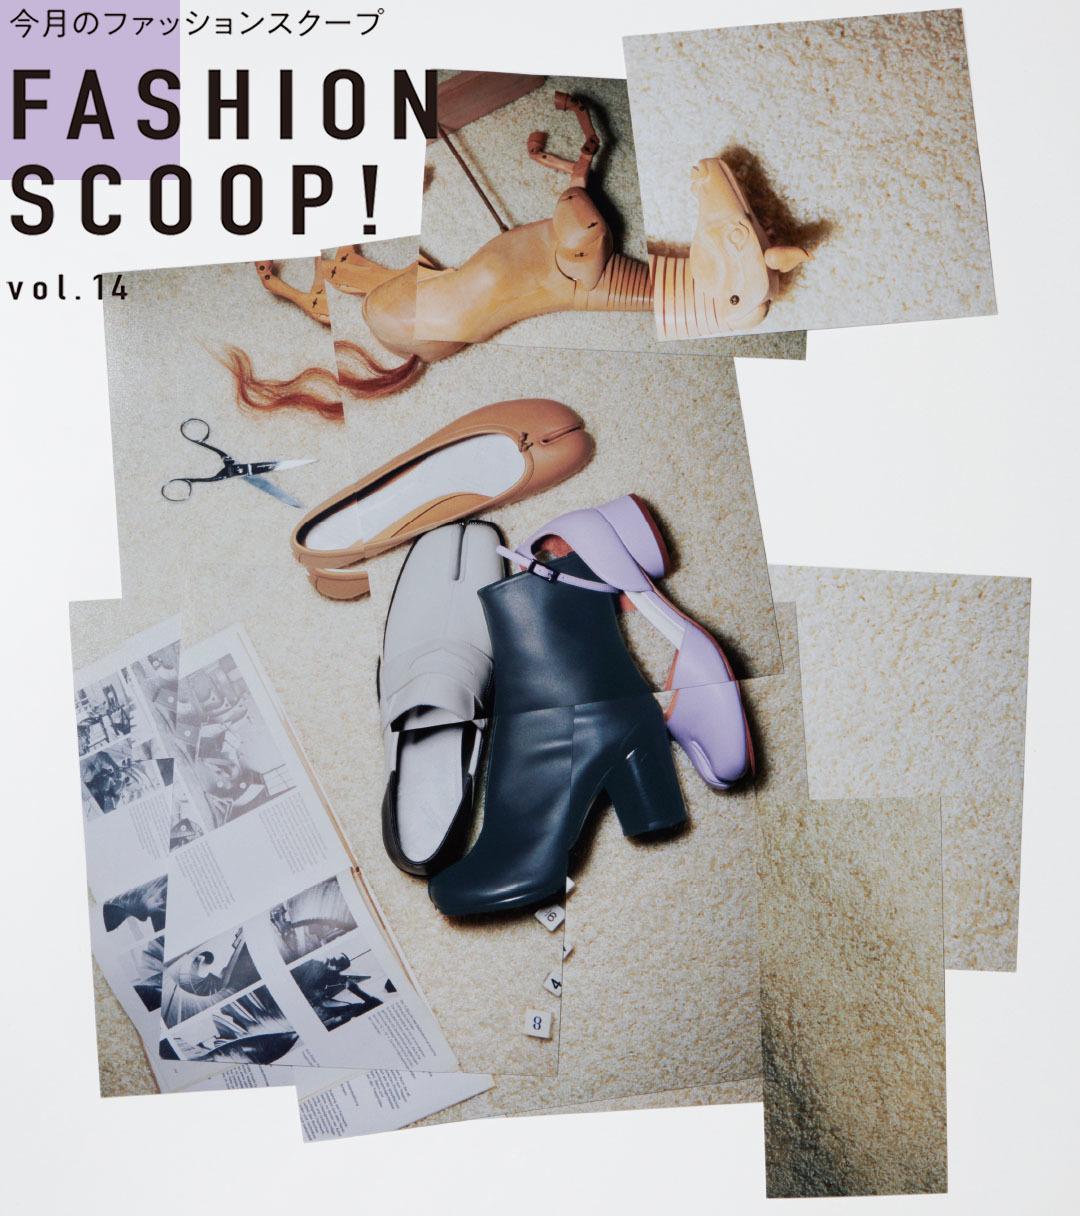 今月のファッションスクープ FASHION SCOOP! vol.13